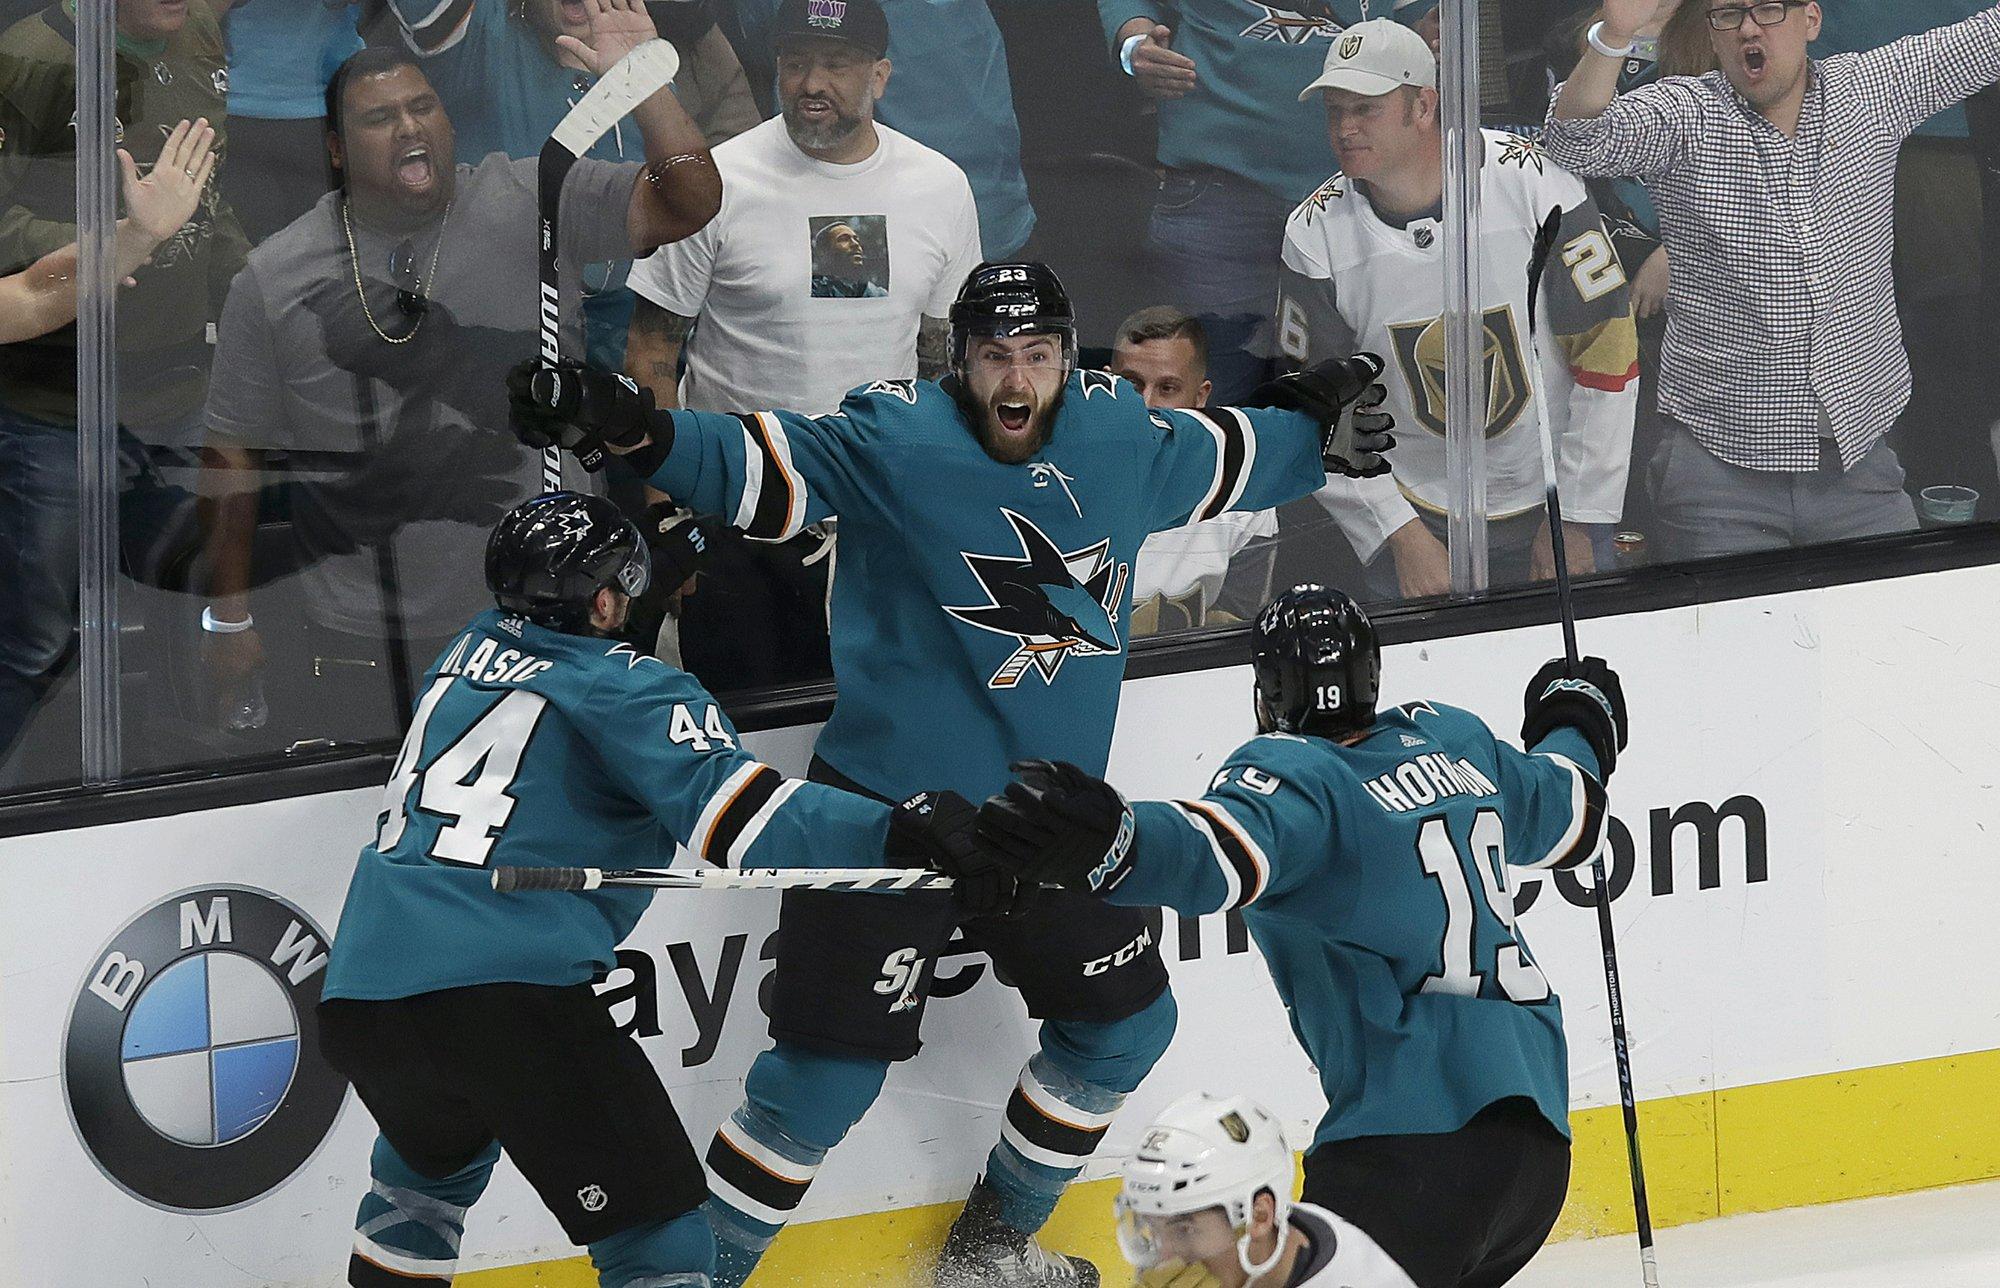 San Jose Sharks win vs Knights_1556226909131.jpeg.jpg